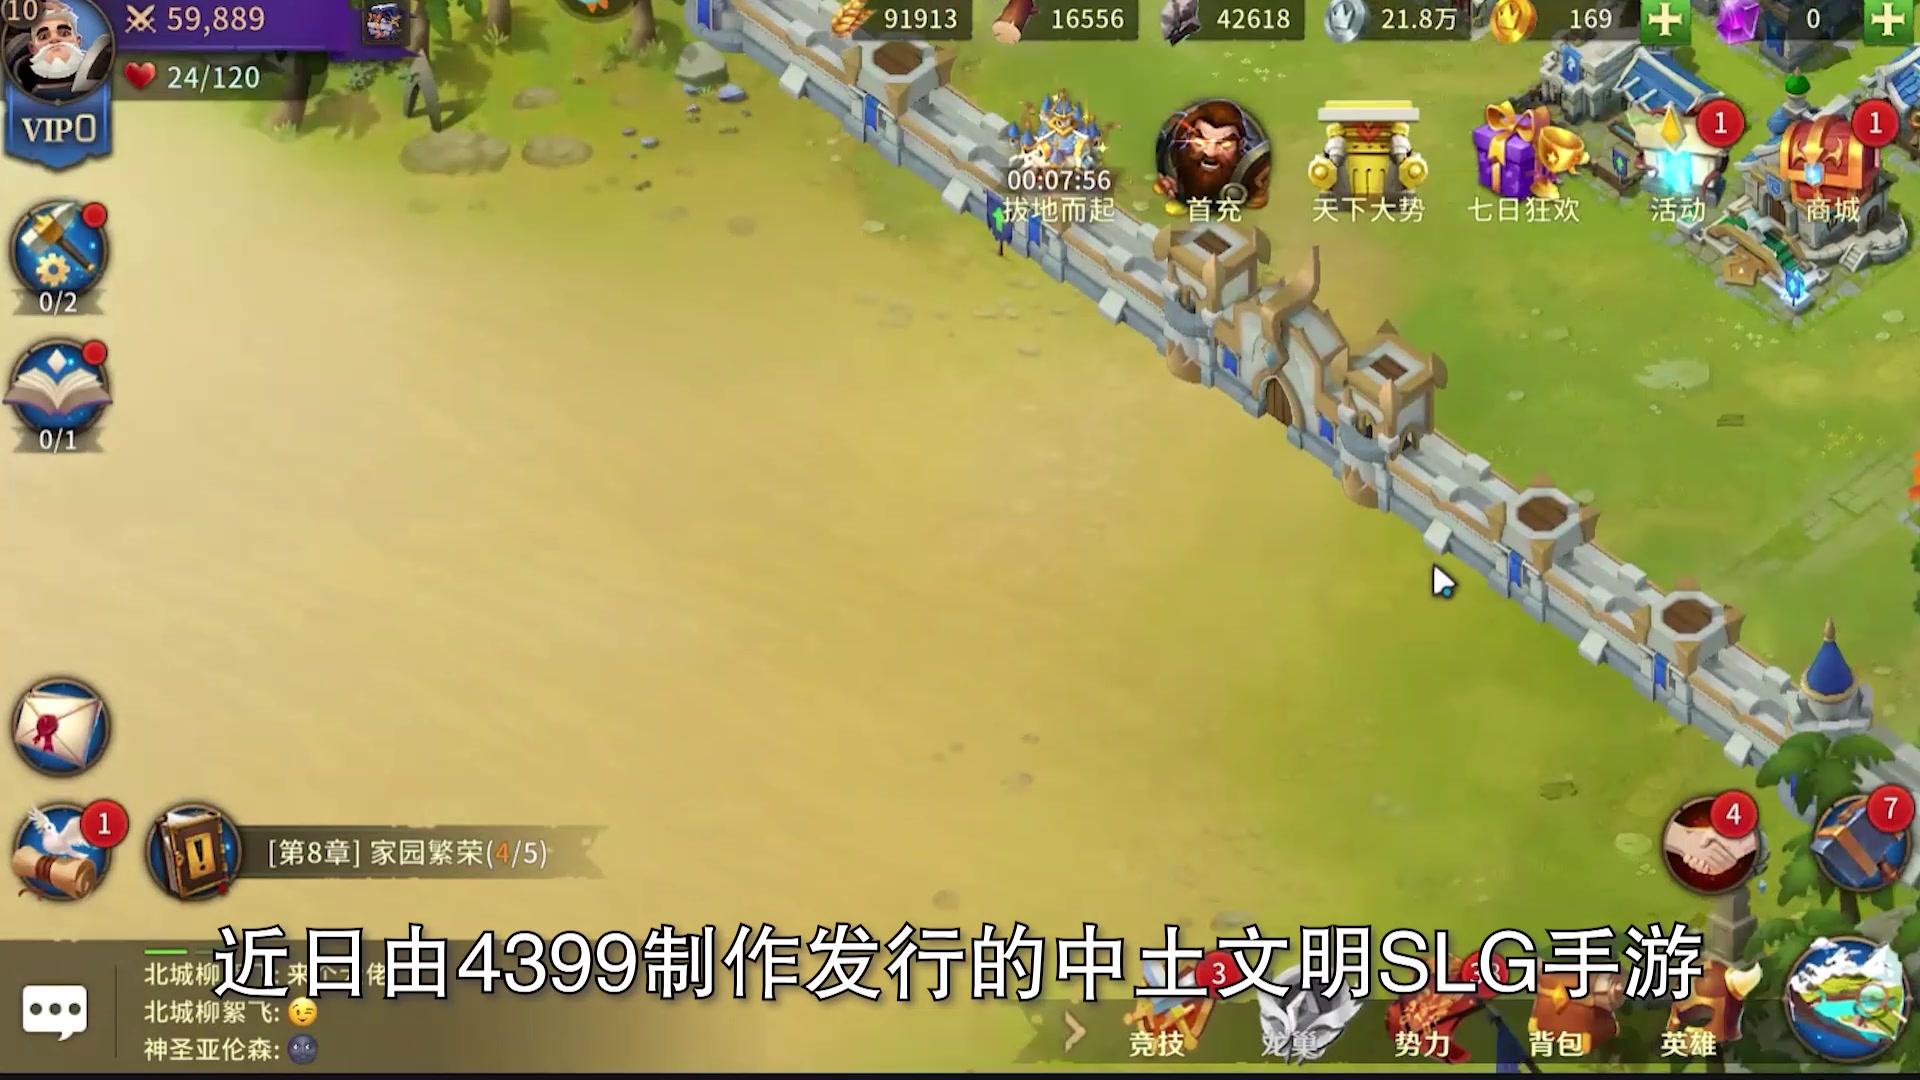 【鲜游速观】一款在联盟方面有所创新的slg游戏《领主战争》